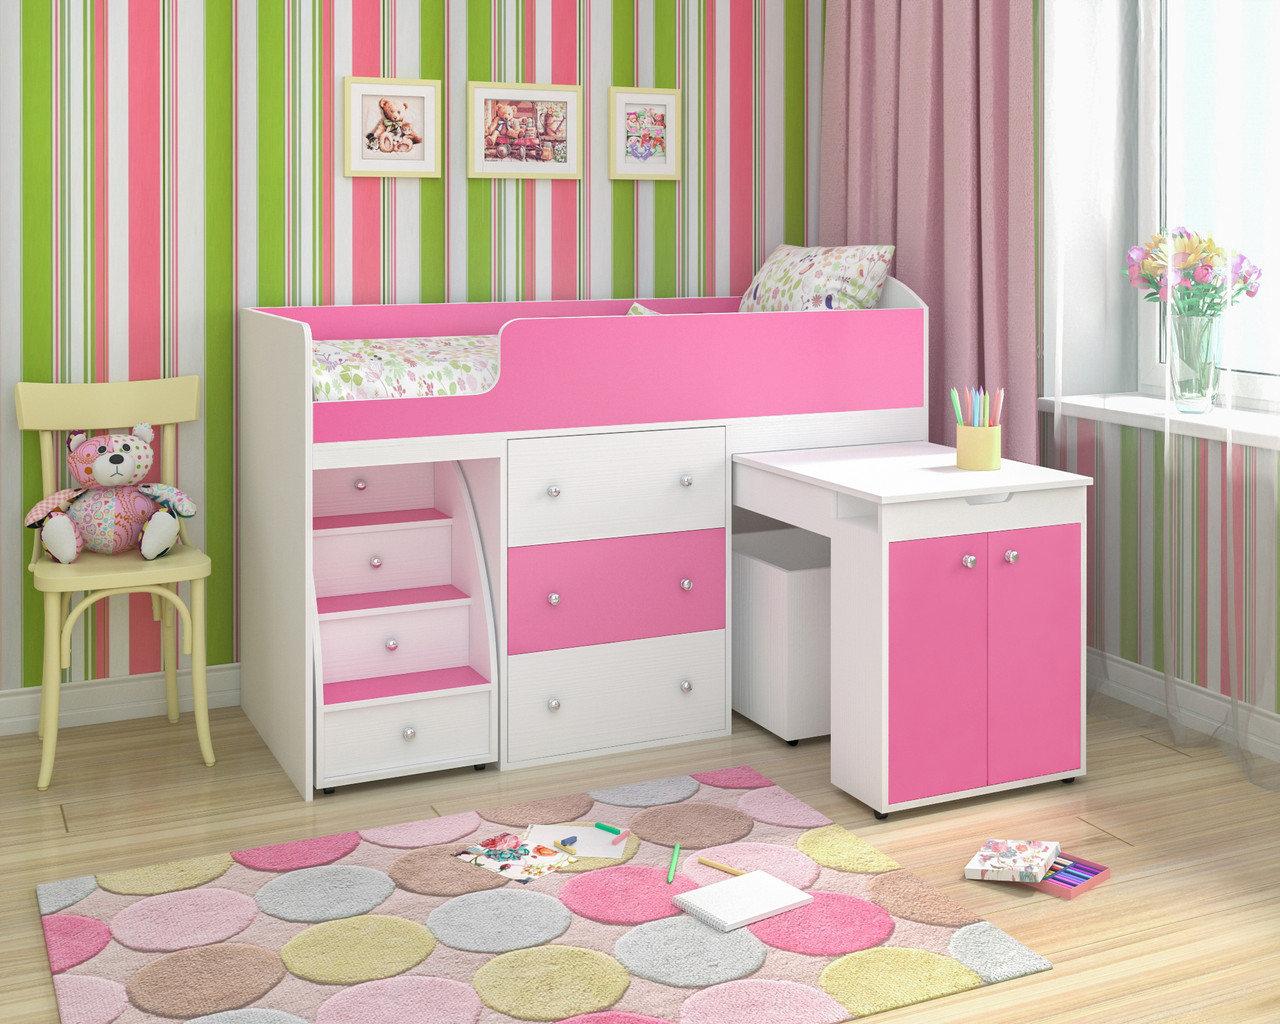 Покупка детской мебели в интернет-магазине